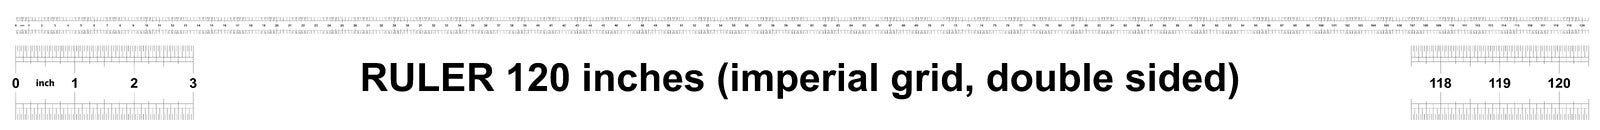 Heerser 120 duim keizer De afdelingsprijs is 1/32 duim Tweezijdige heerser Nauwkeurig metend hulpmiddel Kaliberbepalingsnet royalty-vrije illustratie